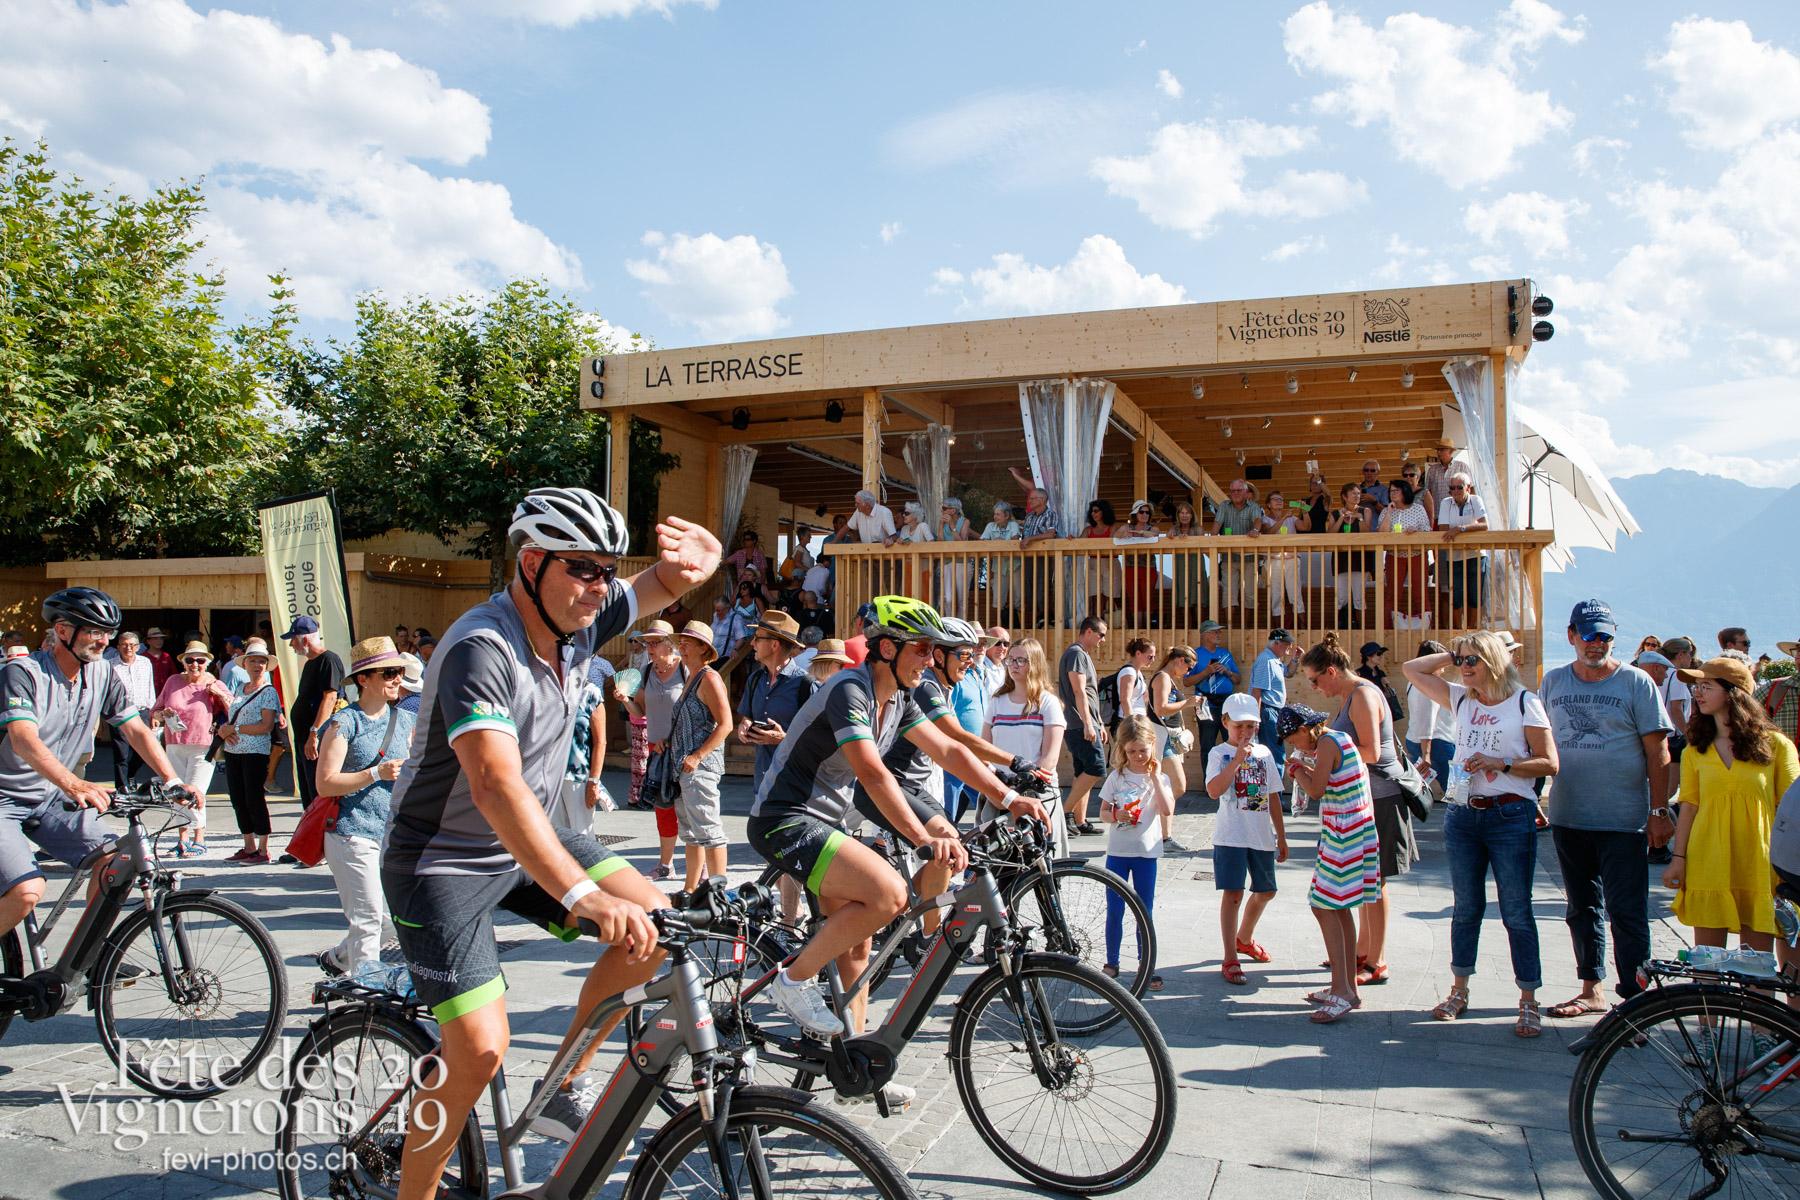 Journée cantonale, Thurgovie - Journées cantonales, Thurgovie, Tour de Suisse, cortège, cyclistes, journee-cantonale-thurgovie. Photographes de la Fête des Vignerons 2019